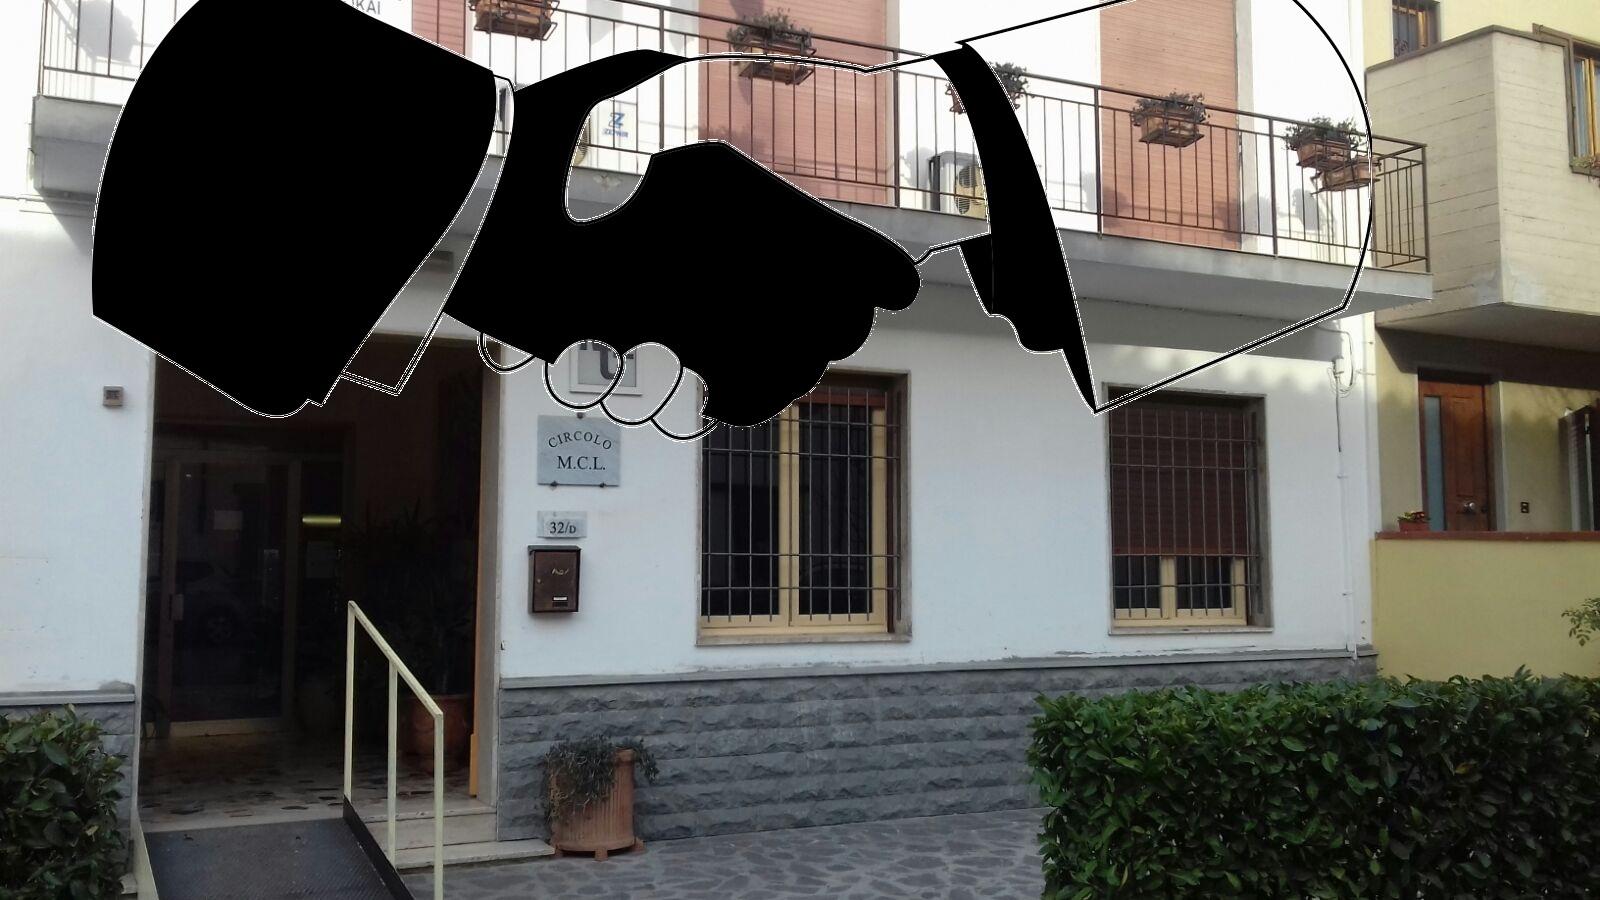 circolo mcl San Bartolo